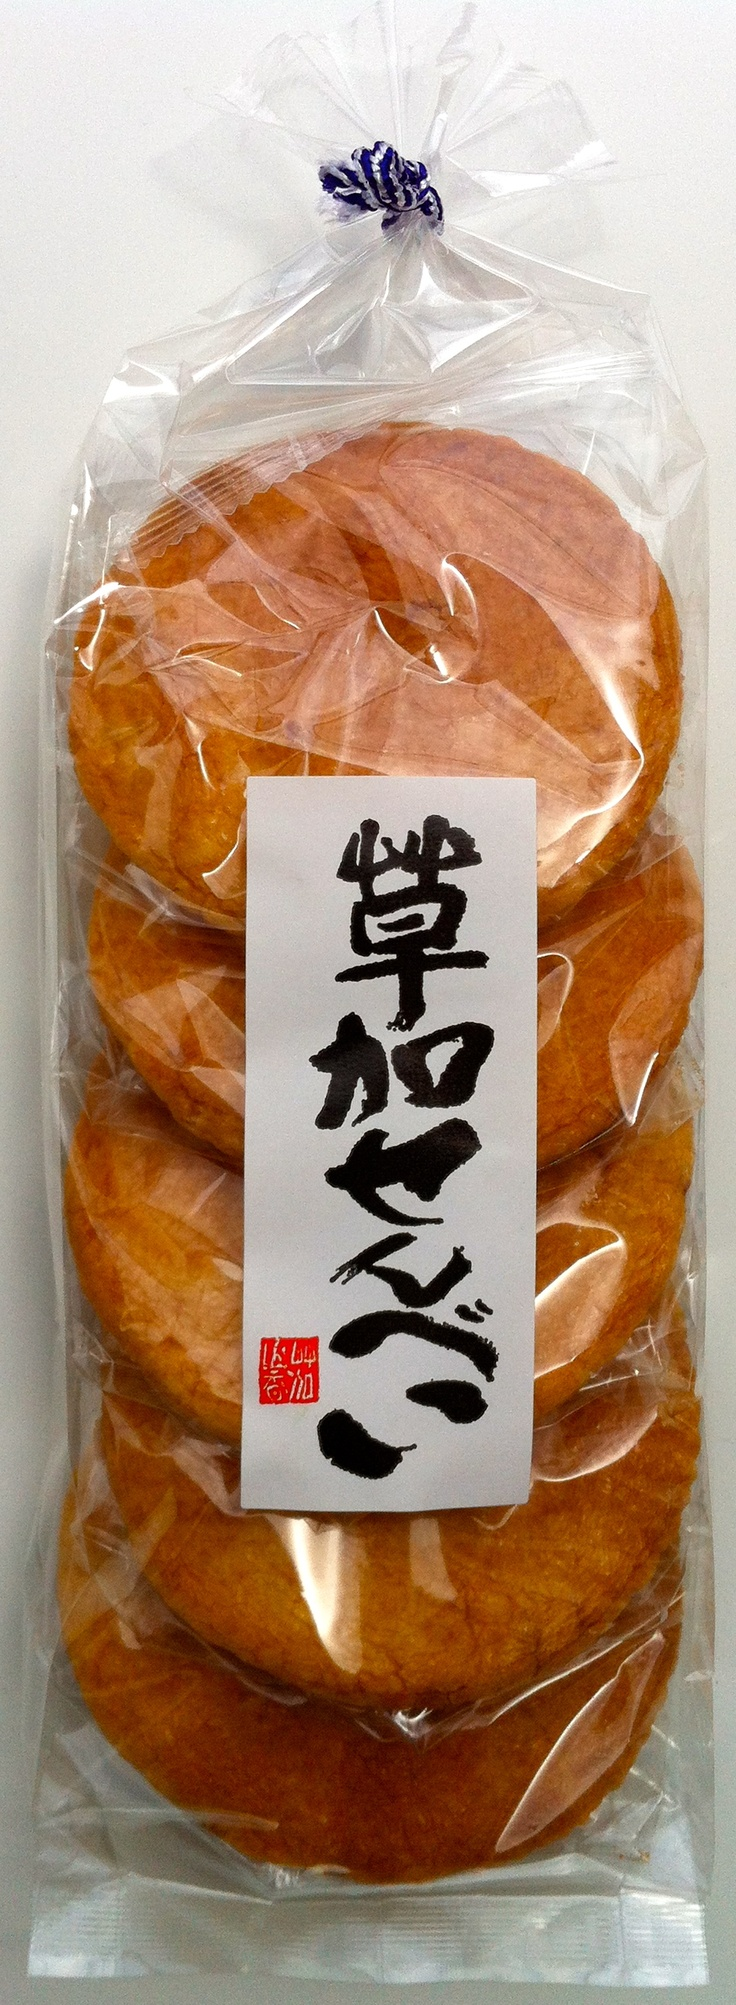 SOKA-SENBEI(草加せんべい)Japanese rice cracker